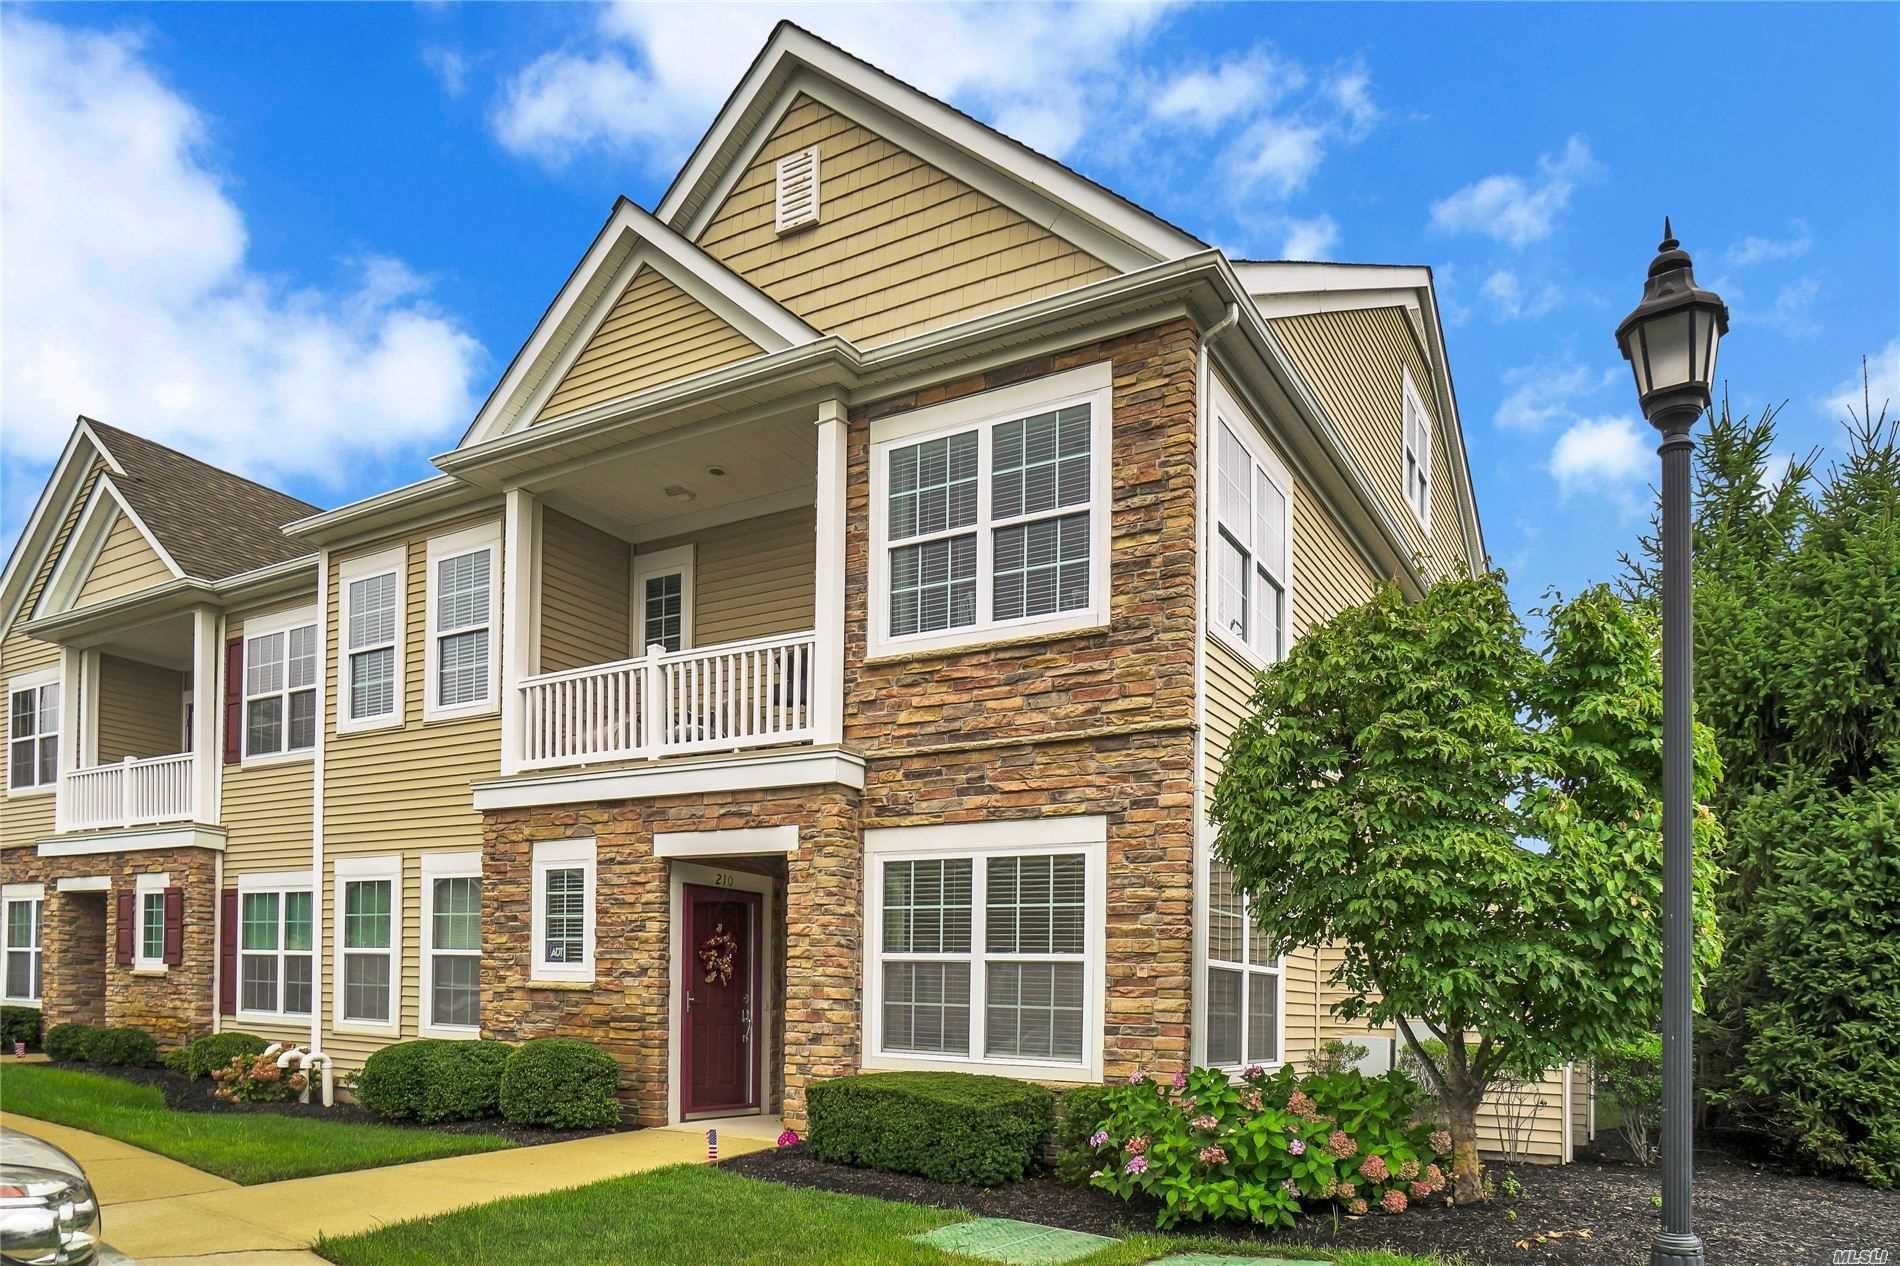 210 Bethaven Ln, Massapequa, NY 11758 - MLS#: 3240237